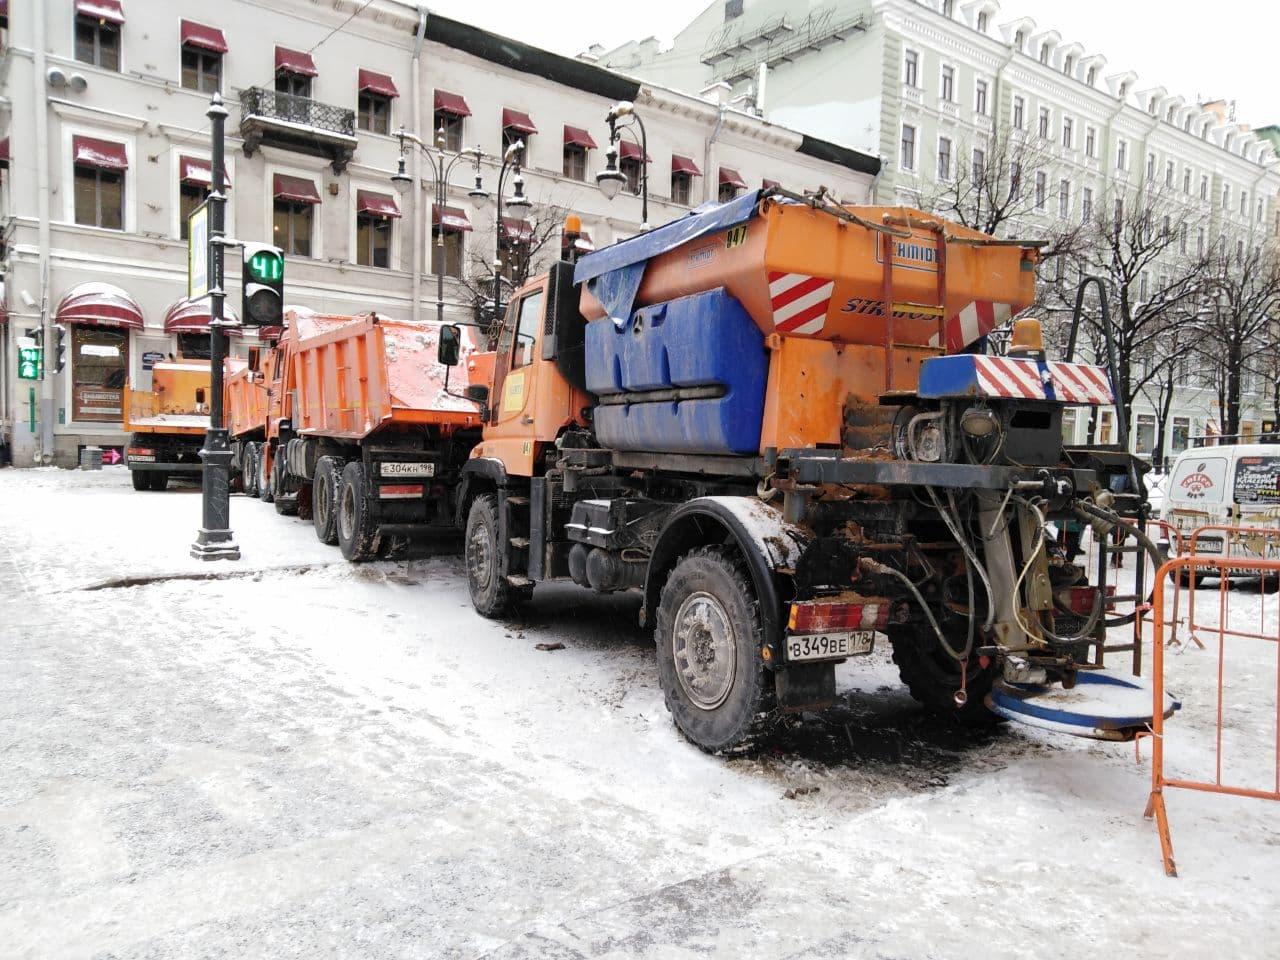 фото ЗакС политика Петербург очищают от снега более шести тысяч человек